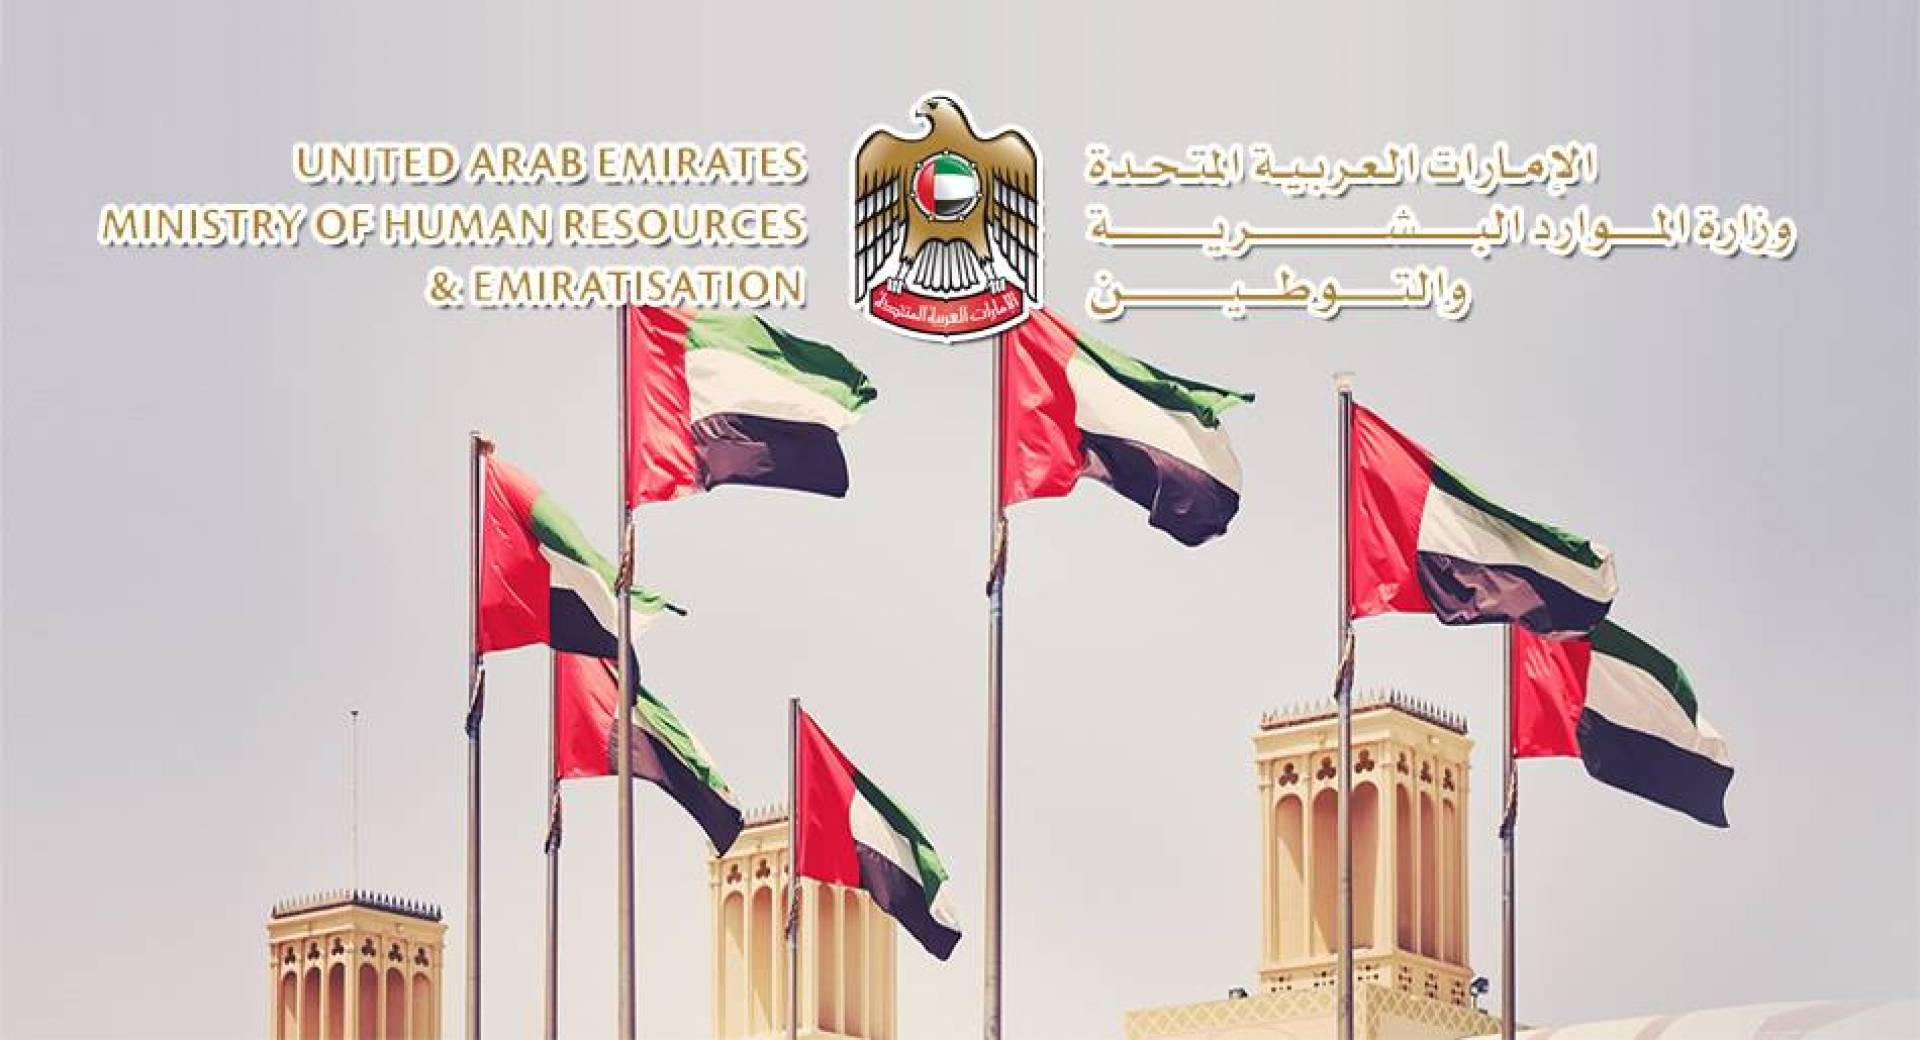 الإمارات تدرس فرض قيود على الدول غير المتجاوبة مع طلبات استقبال رعاياها